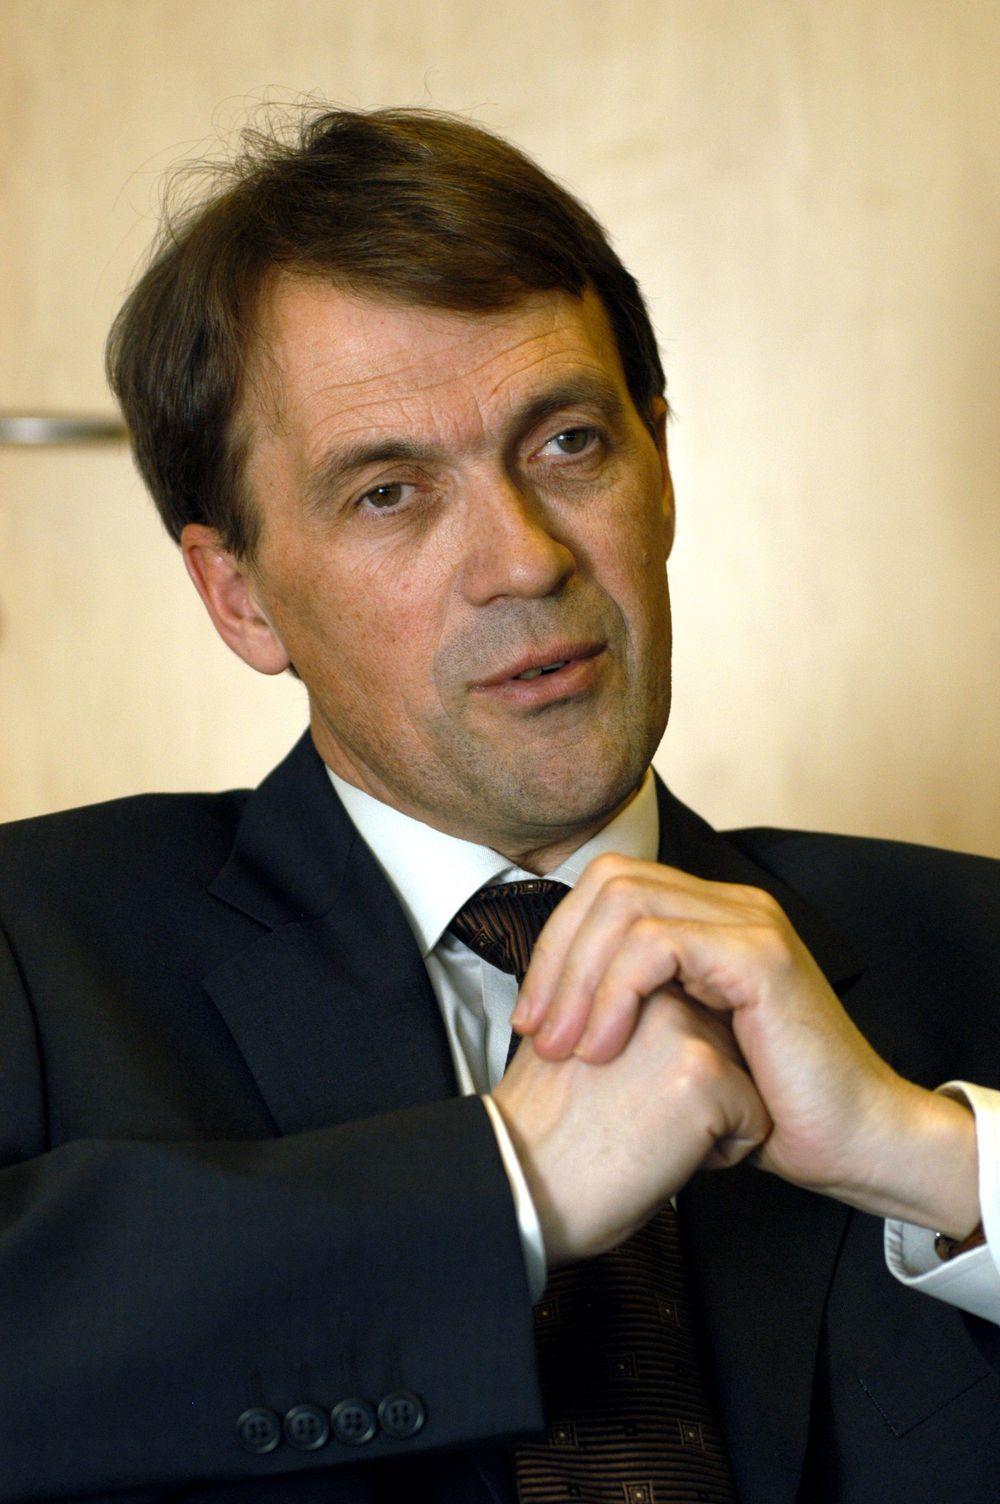 FORNØYD: Generaldirektør Eivind Reiten kan sammen med resten ledelsen i Norsk Hydro gni seg i hendene. Aldri før har inntektene vært så store.